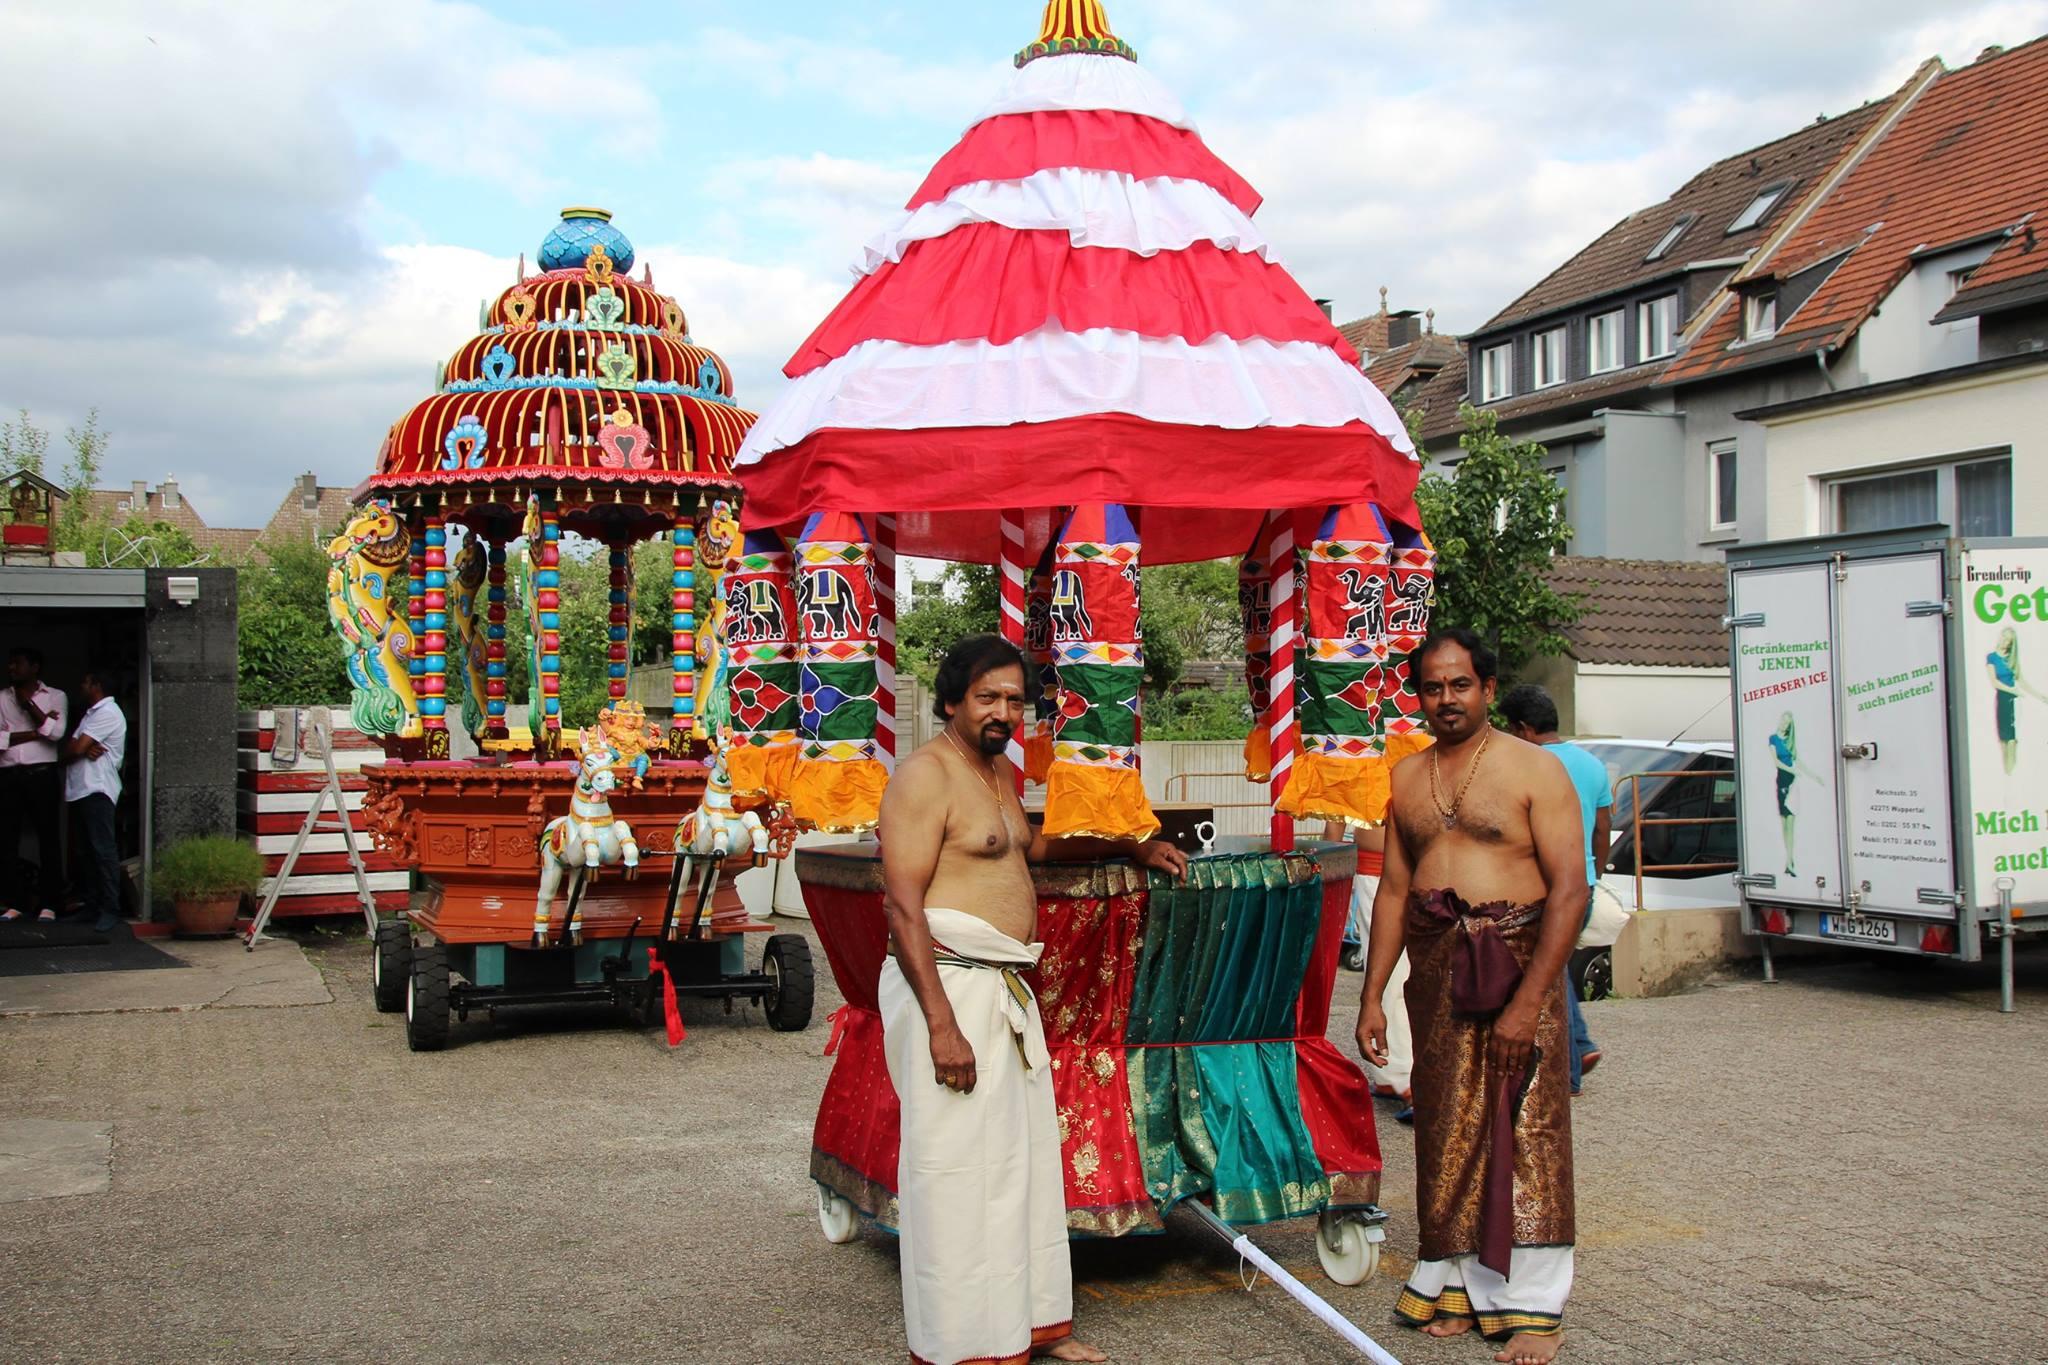 சுவெற்ரா கனகதூக்கா அம்பாள் ஆலய தேர்த் திருவிழா 30.07.17